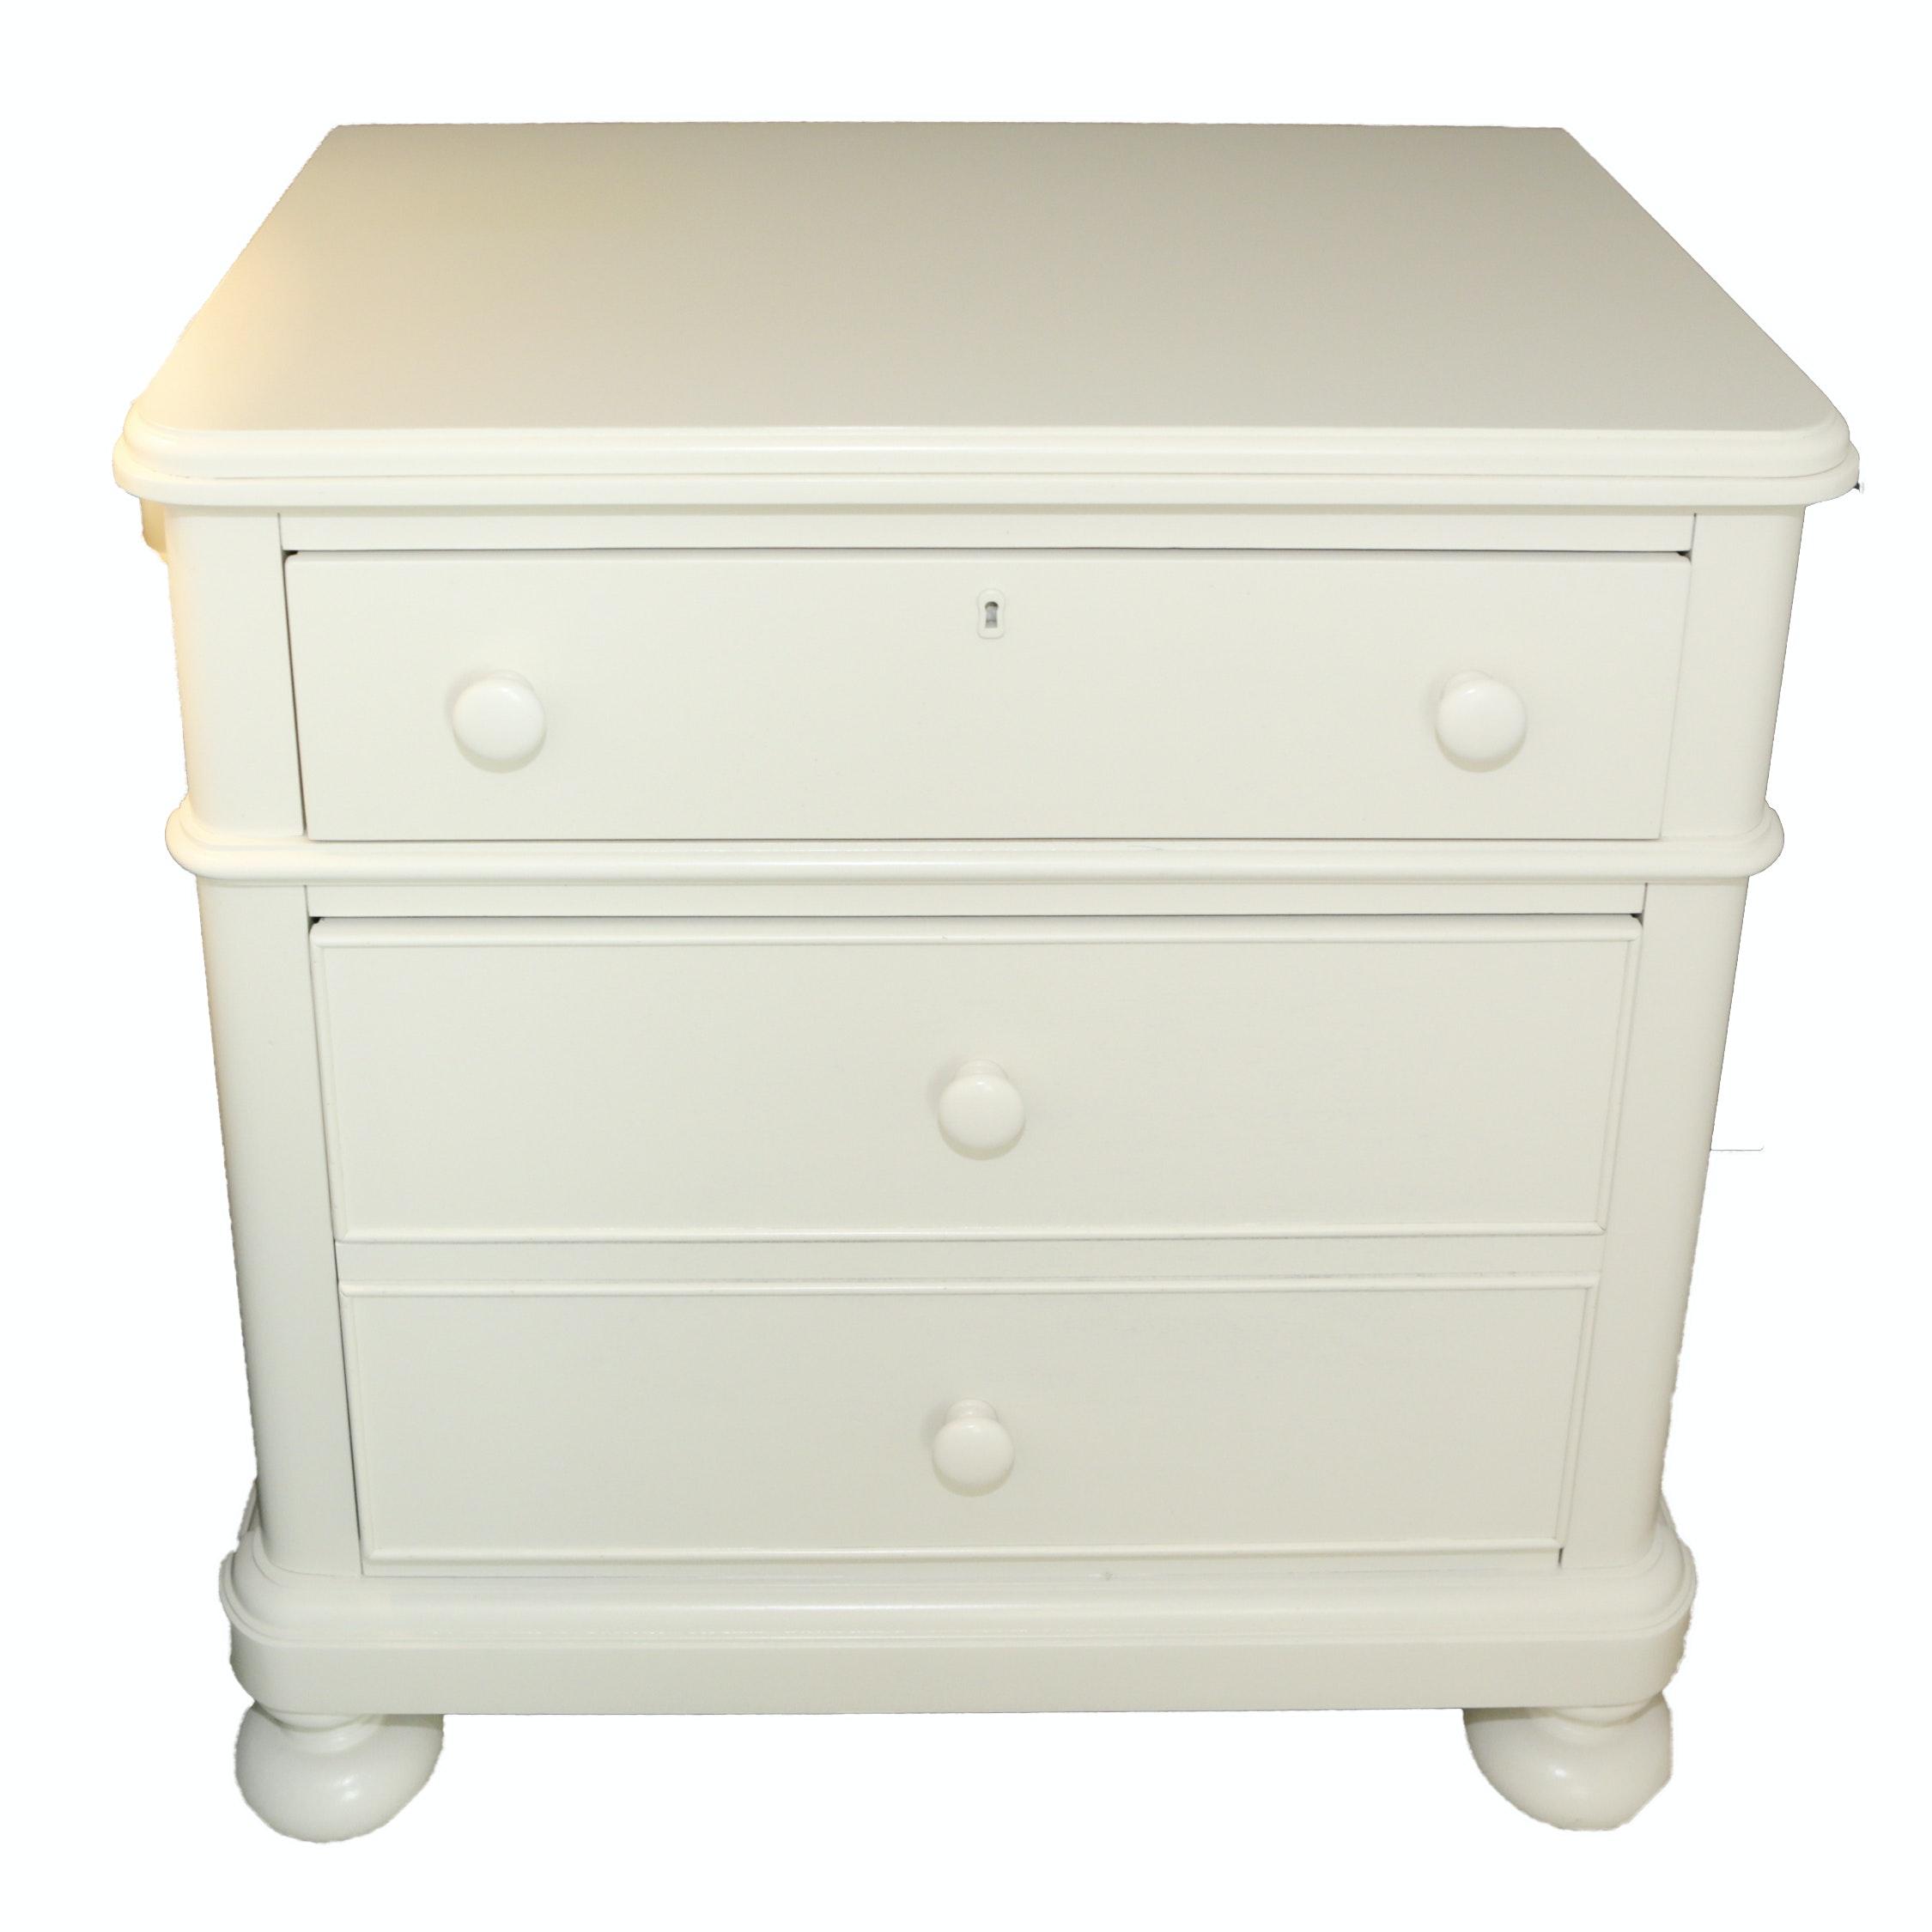 White Painted Nightstand by Bassett